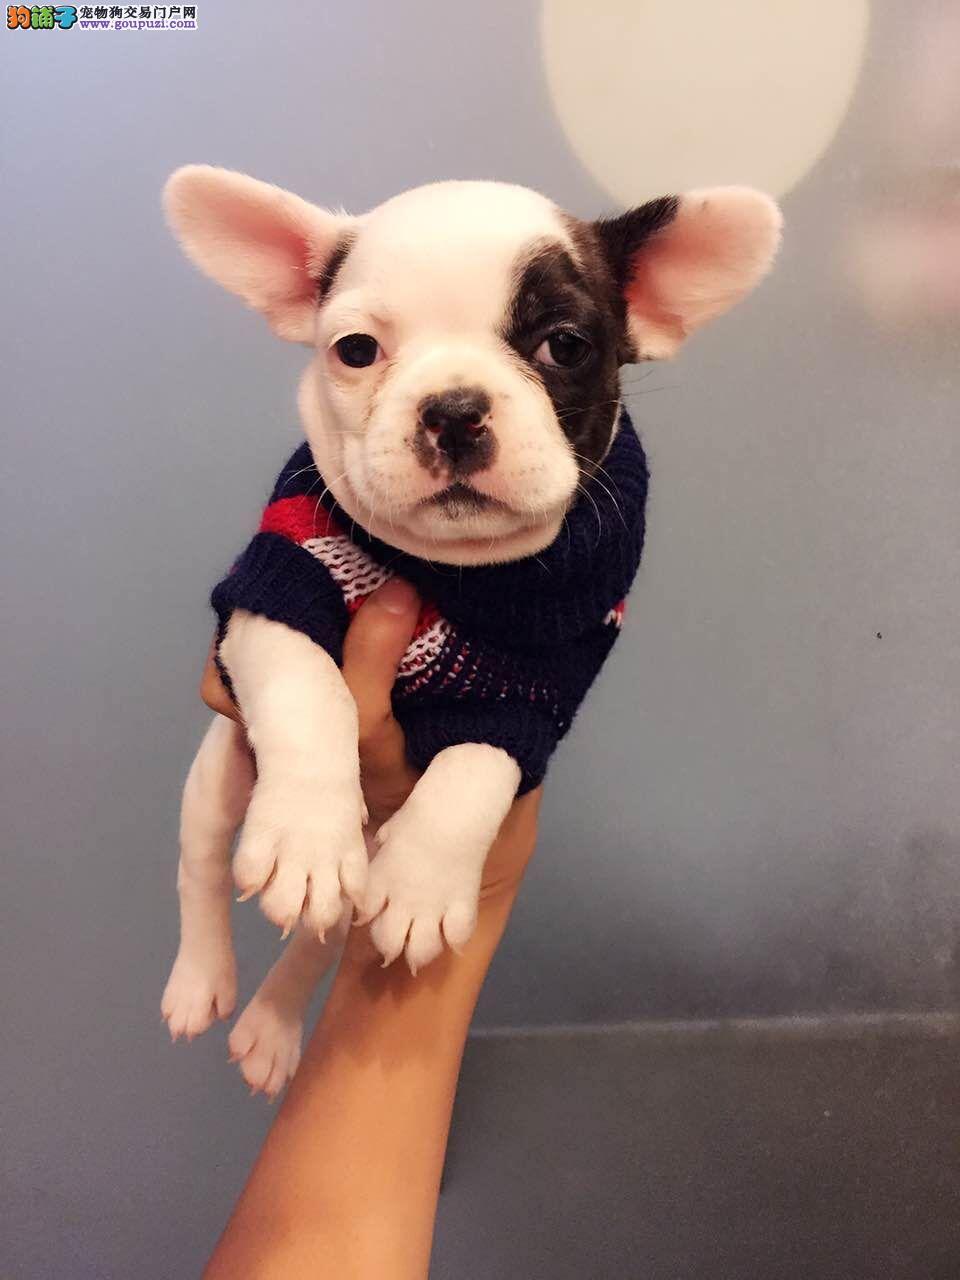 海南州本地出售高品质法国斗牛犬宝宝终身质保终身护养指导